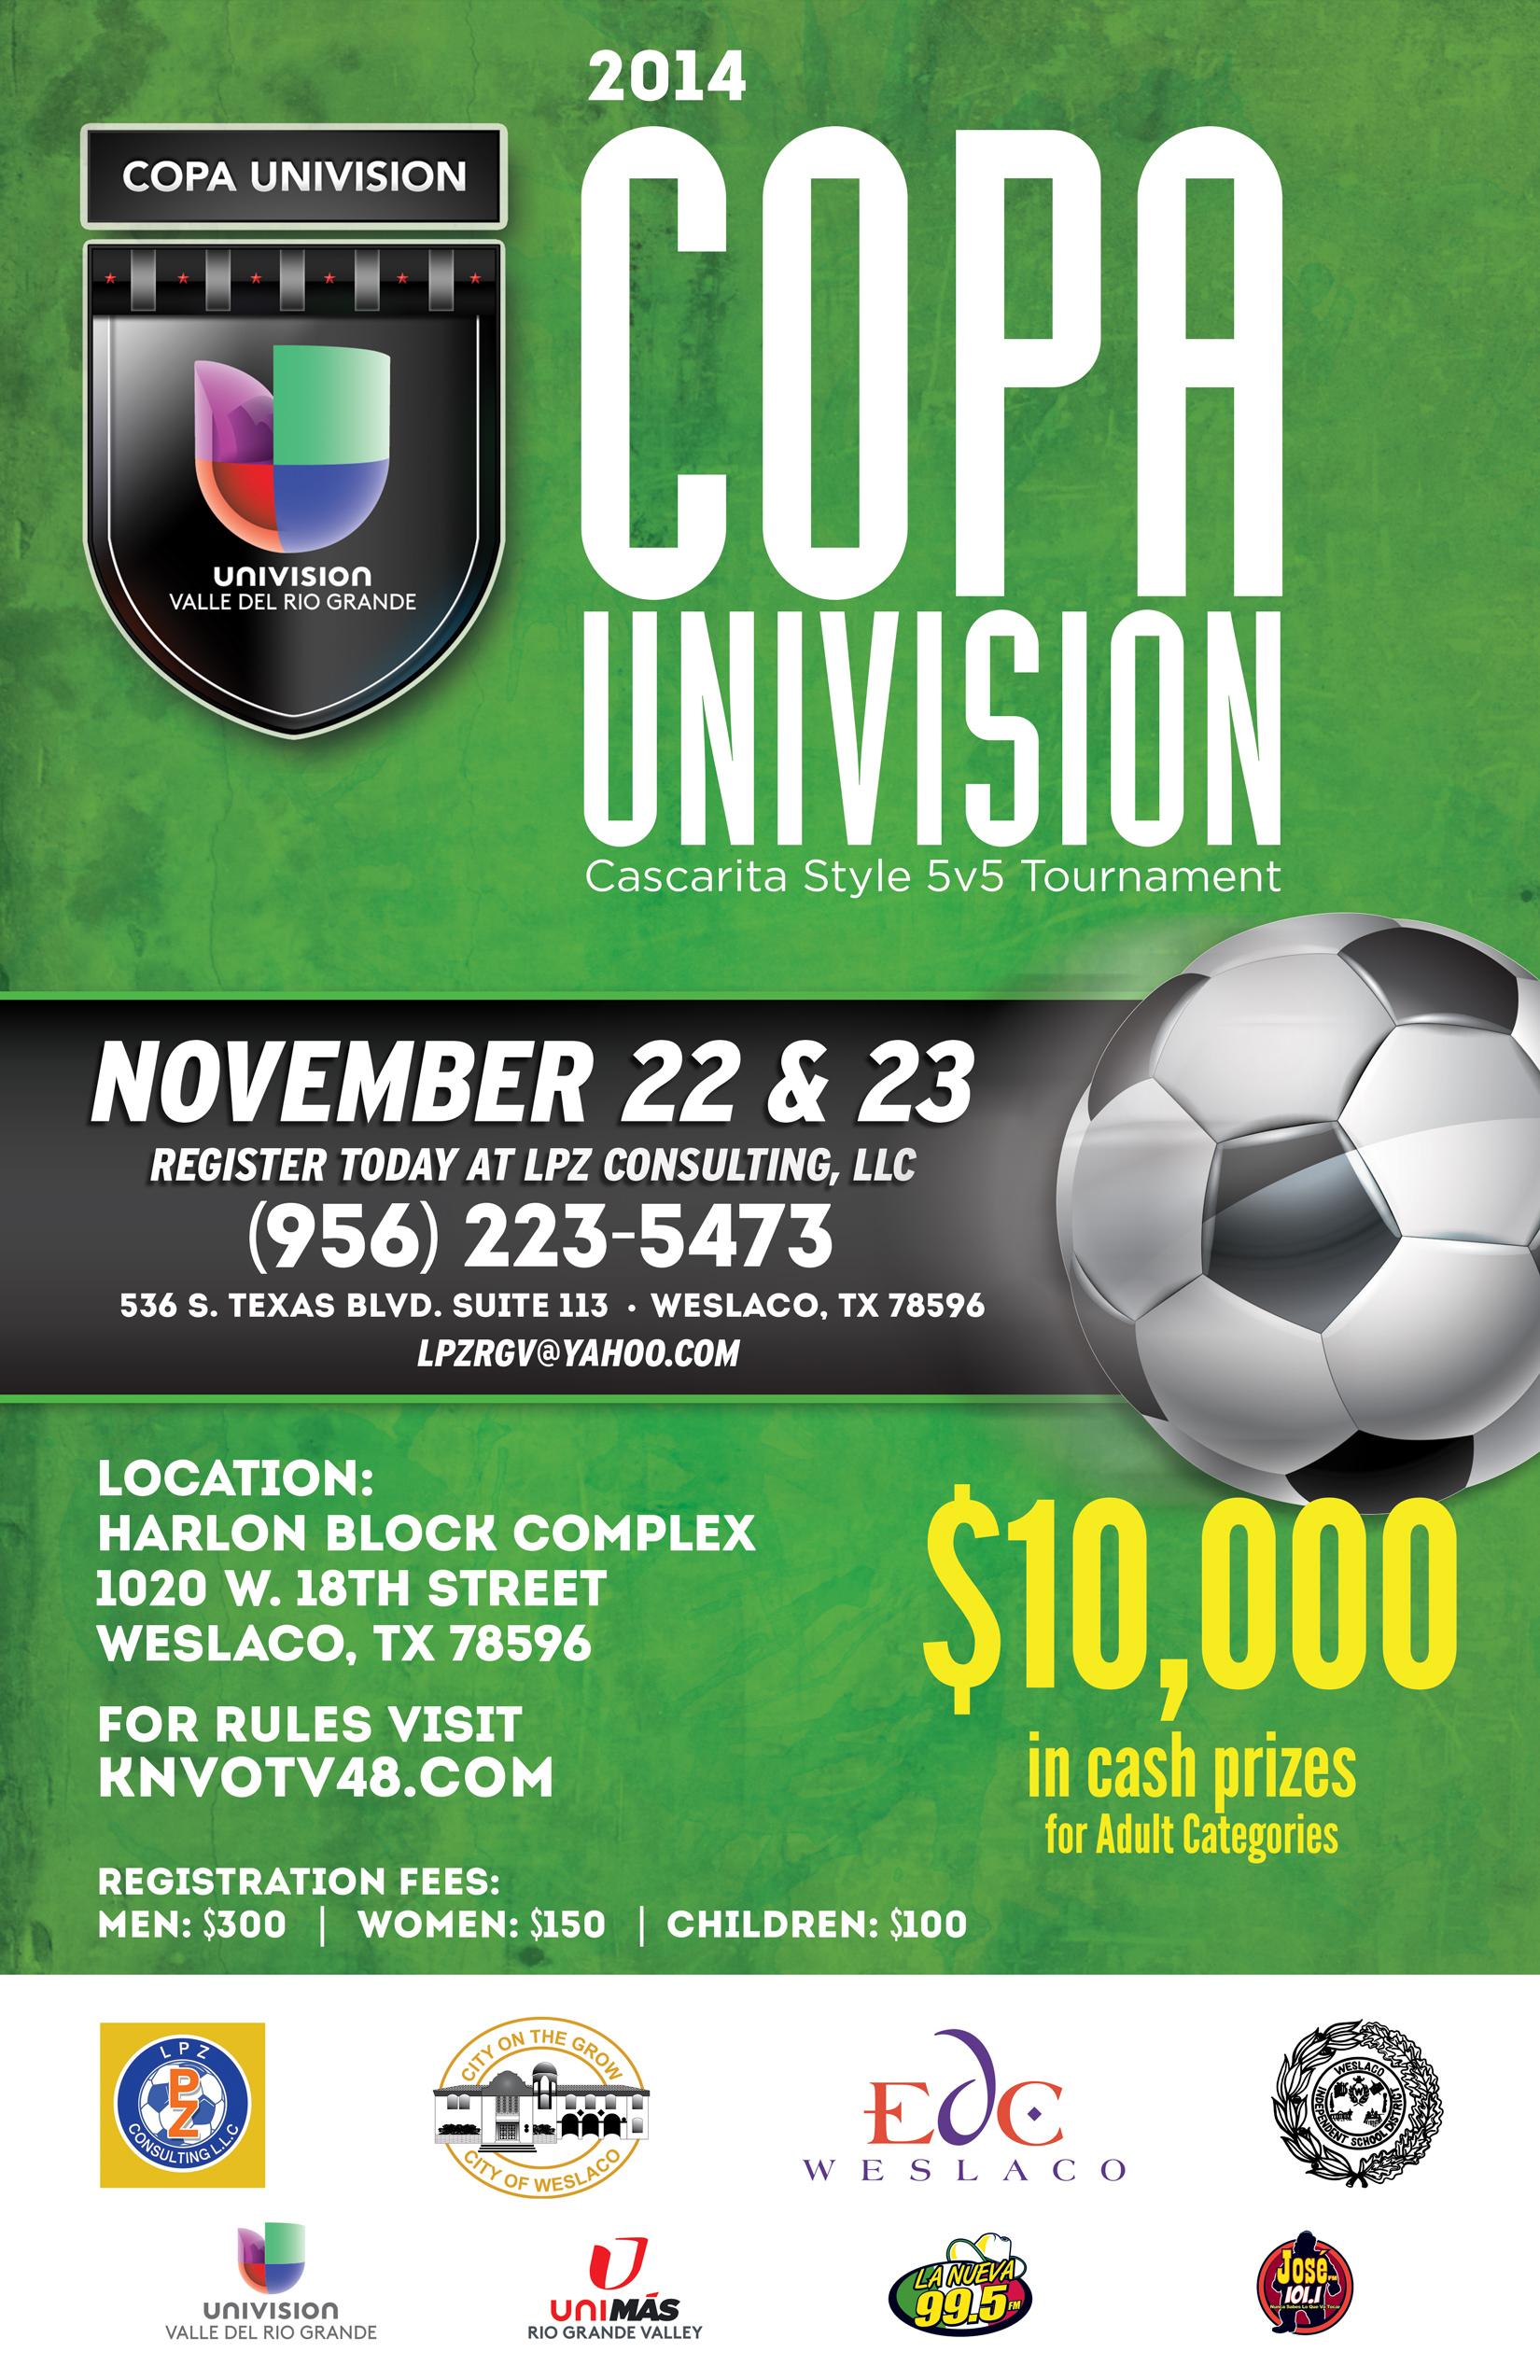 Copa-Univision-Poster-2014 (2)